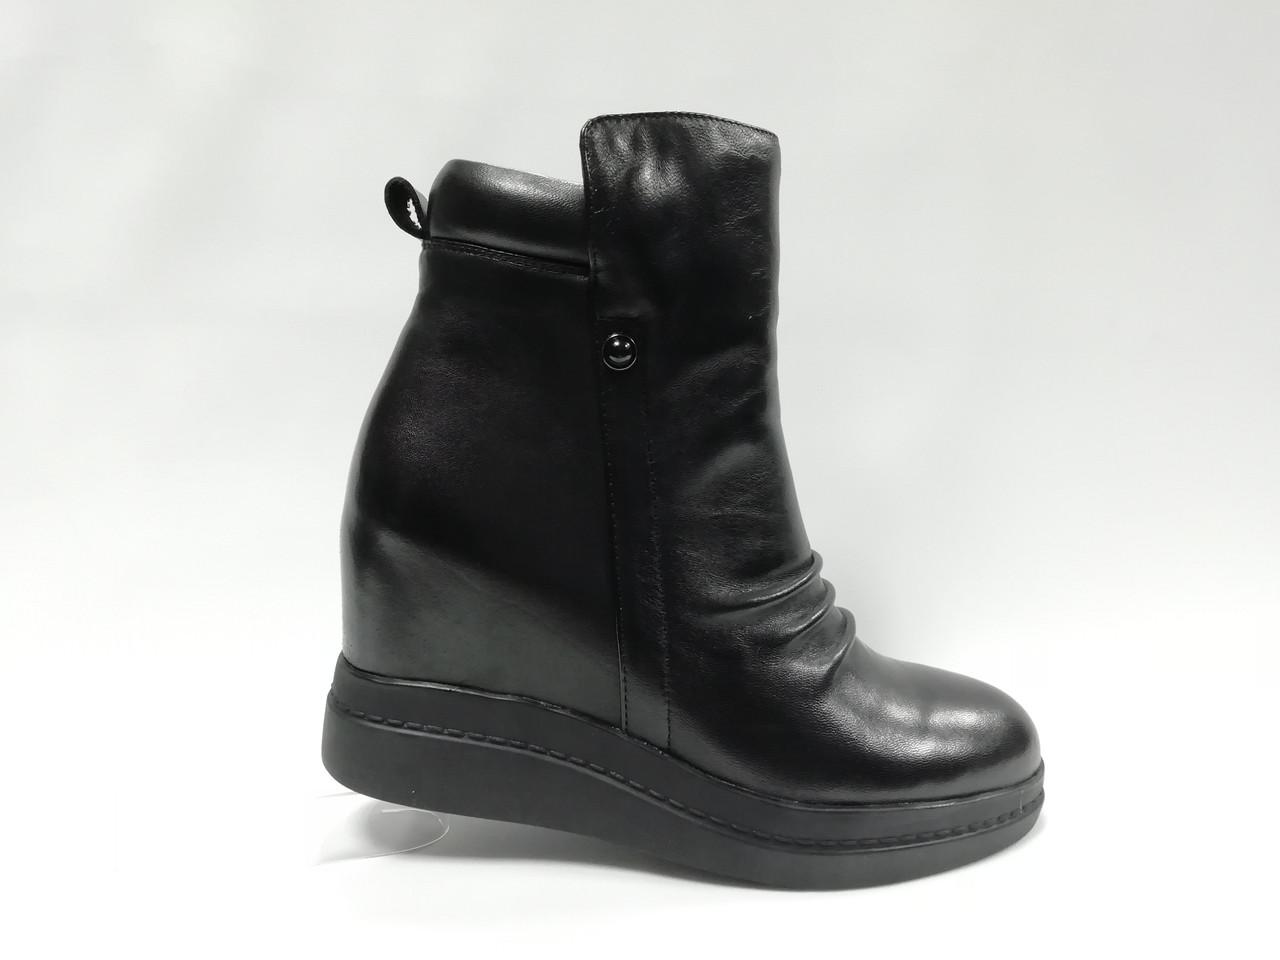 Чорні шкіряні черевики на танкетці. Маленькі розміри.